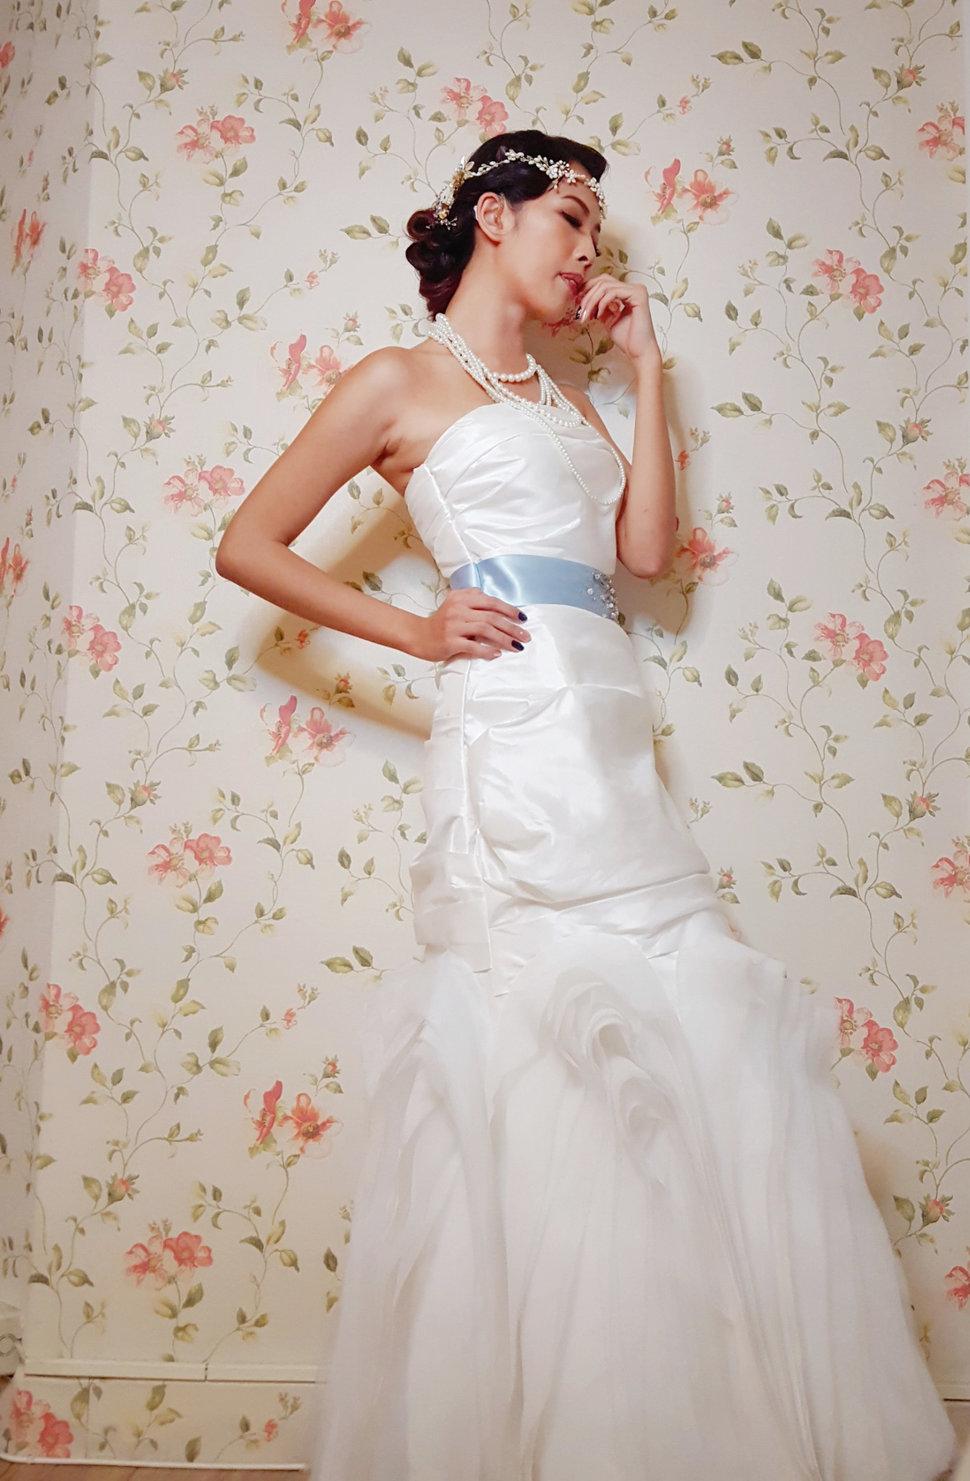 d - 新娘秘書│彩妝造型工作室-Nancy - 結婚吧